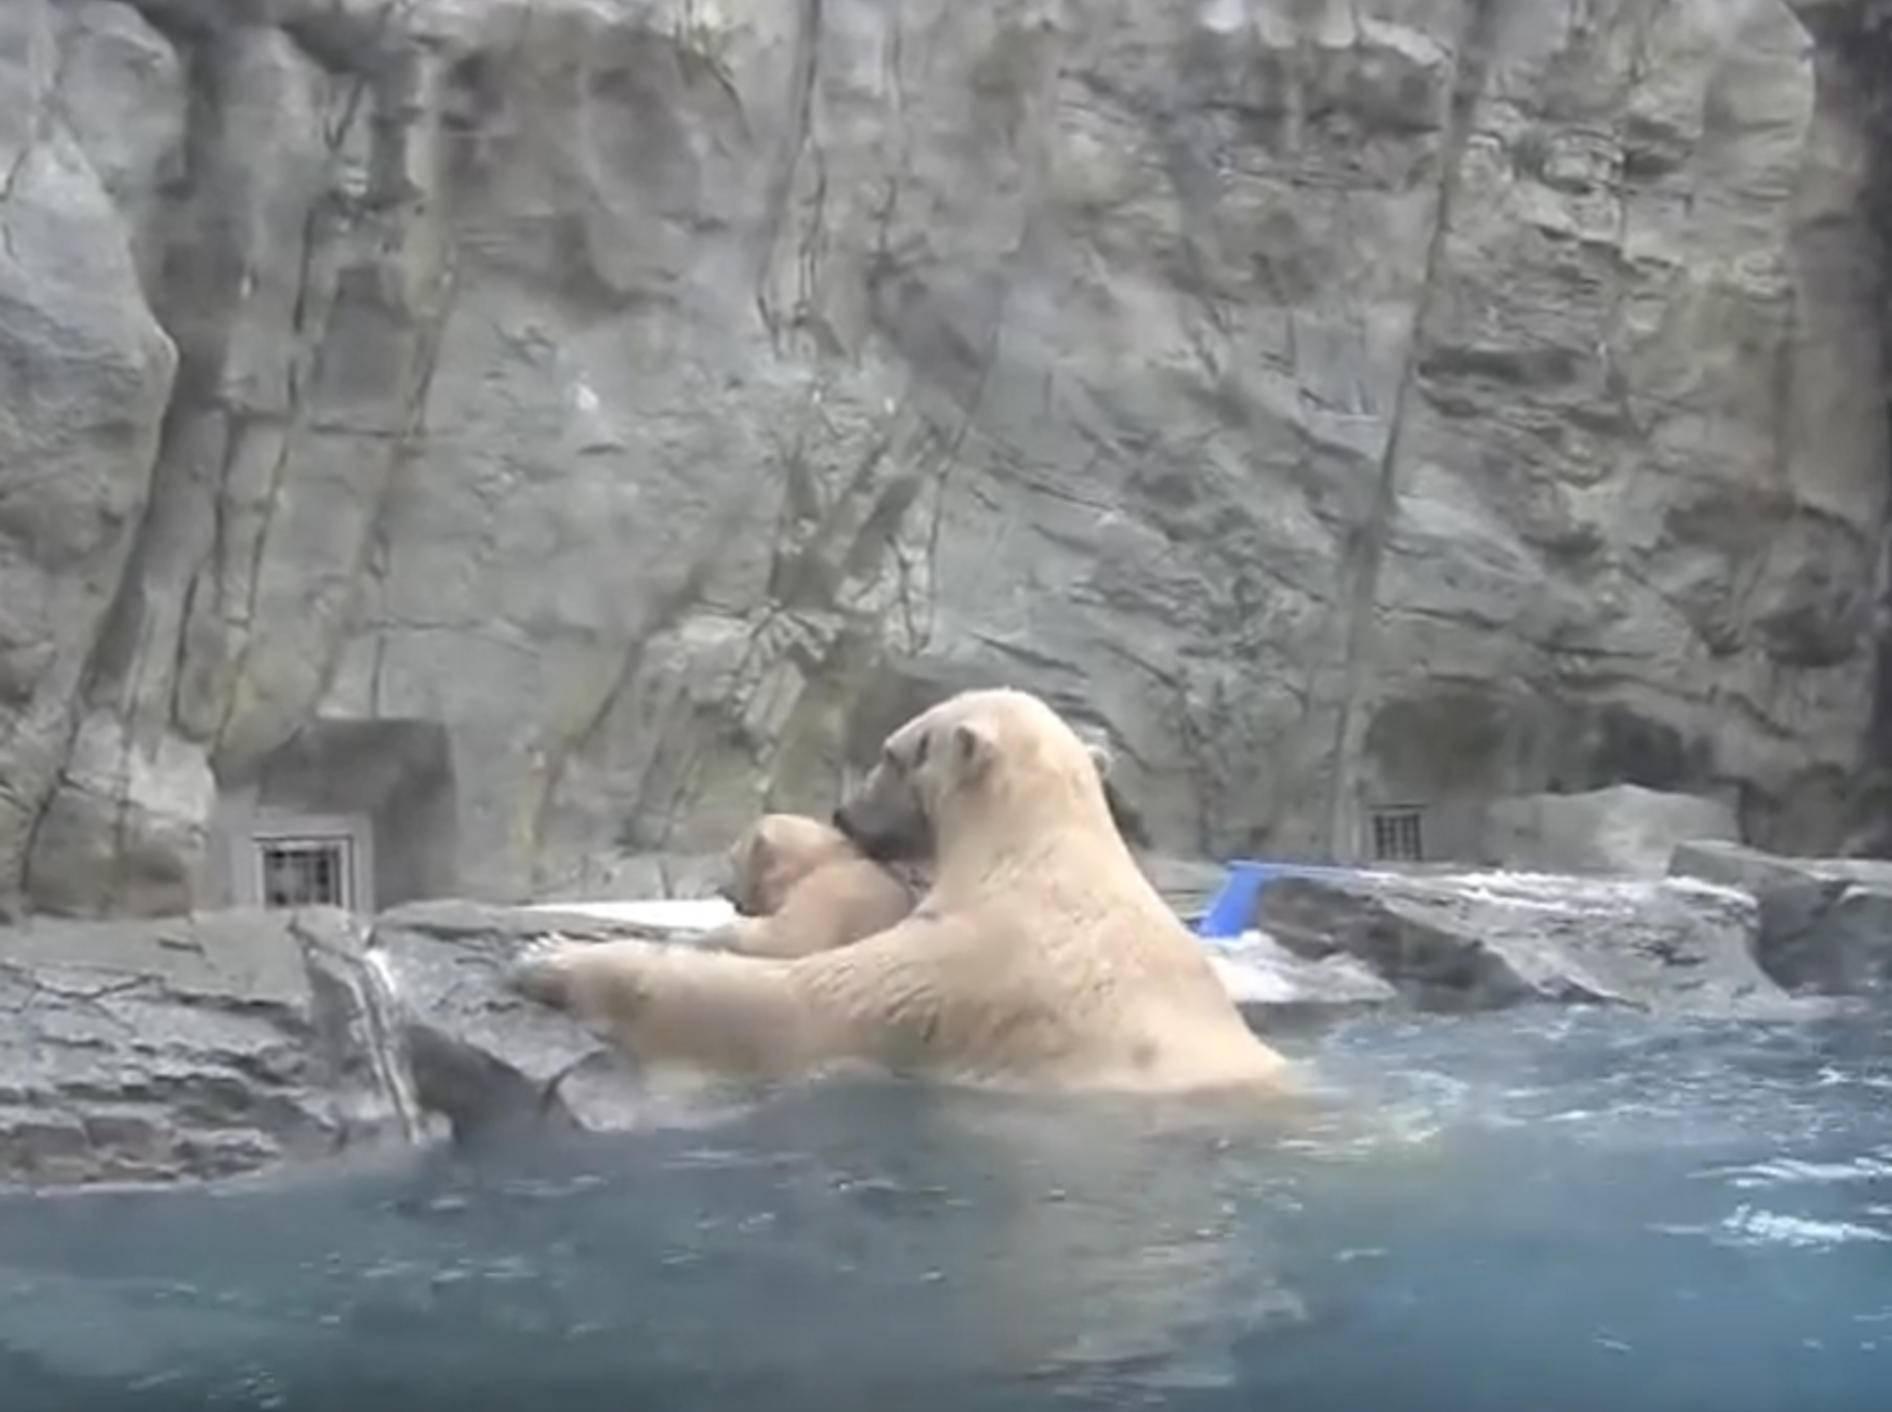 Schnell reagiert: Mama Eisbär rettet ihr Baby vorm Ertrinken – YouTube / Mmovies21